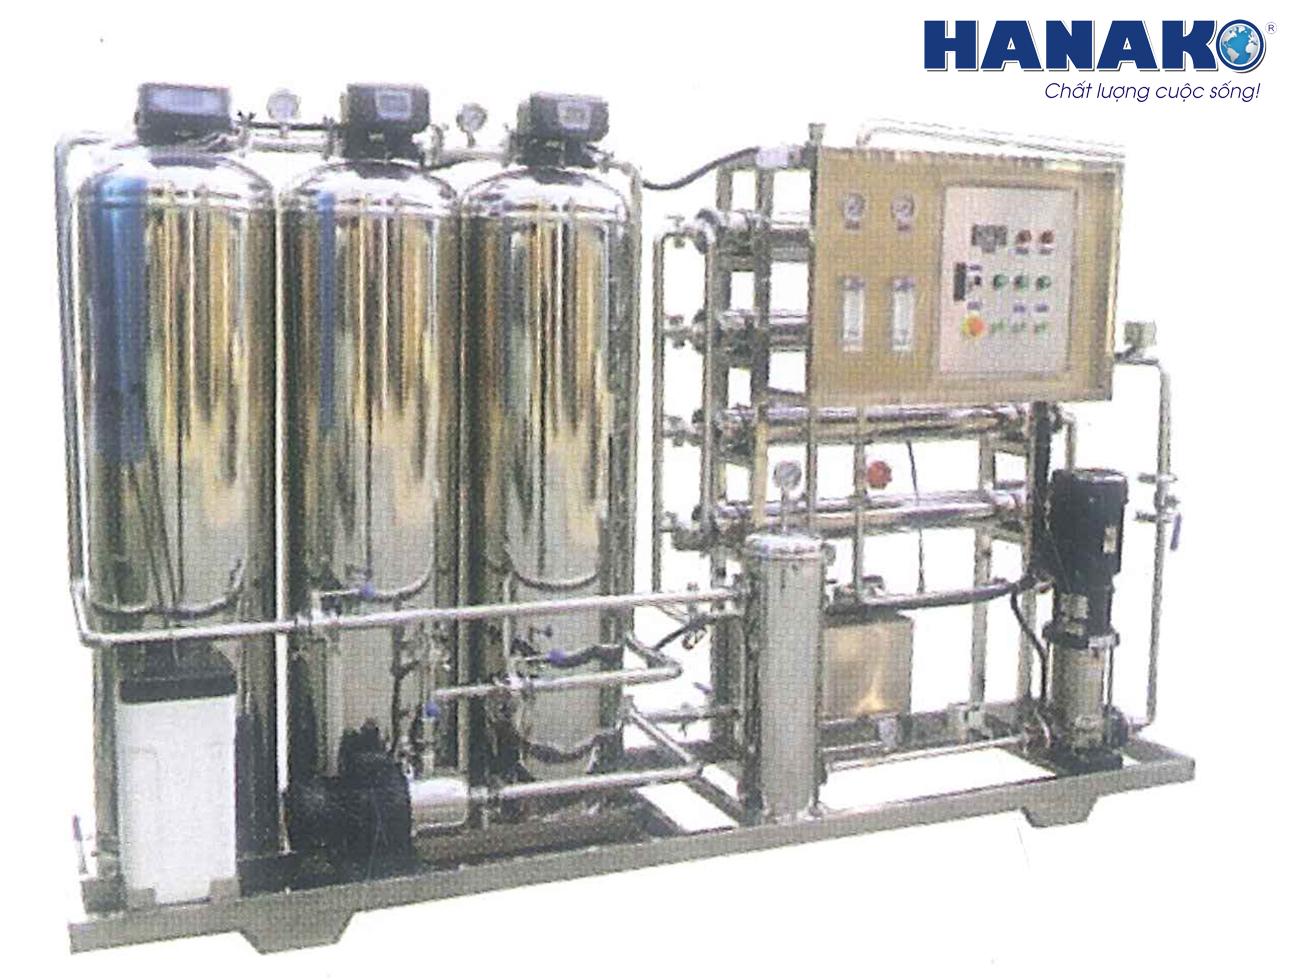 Thi công lắp đặt máy lọc nước chung cư